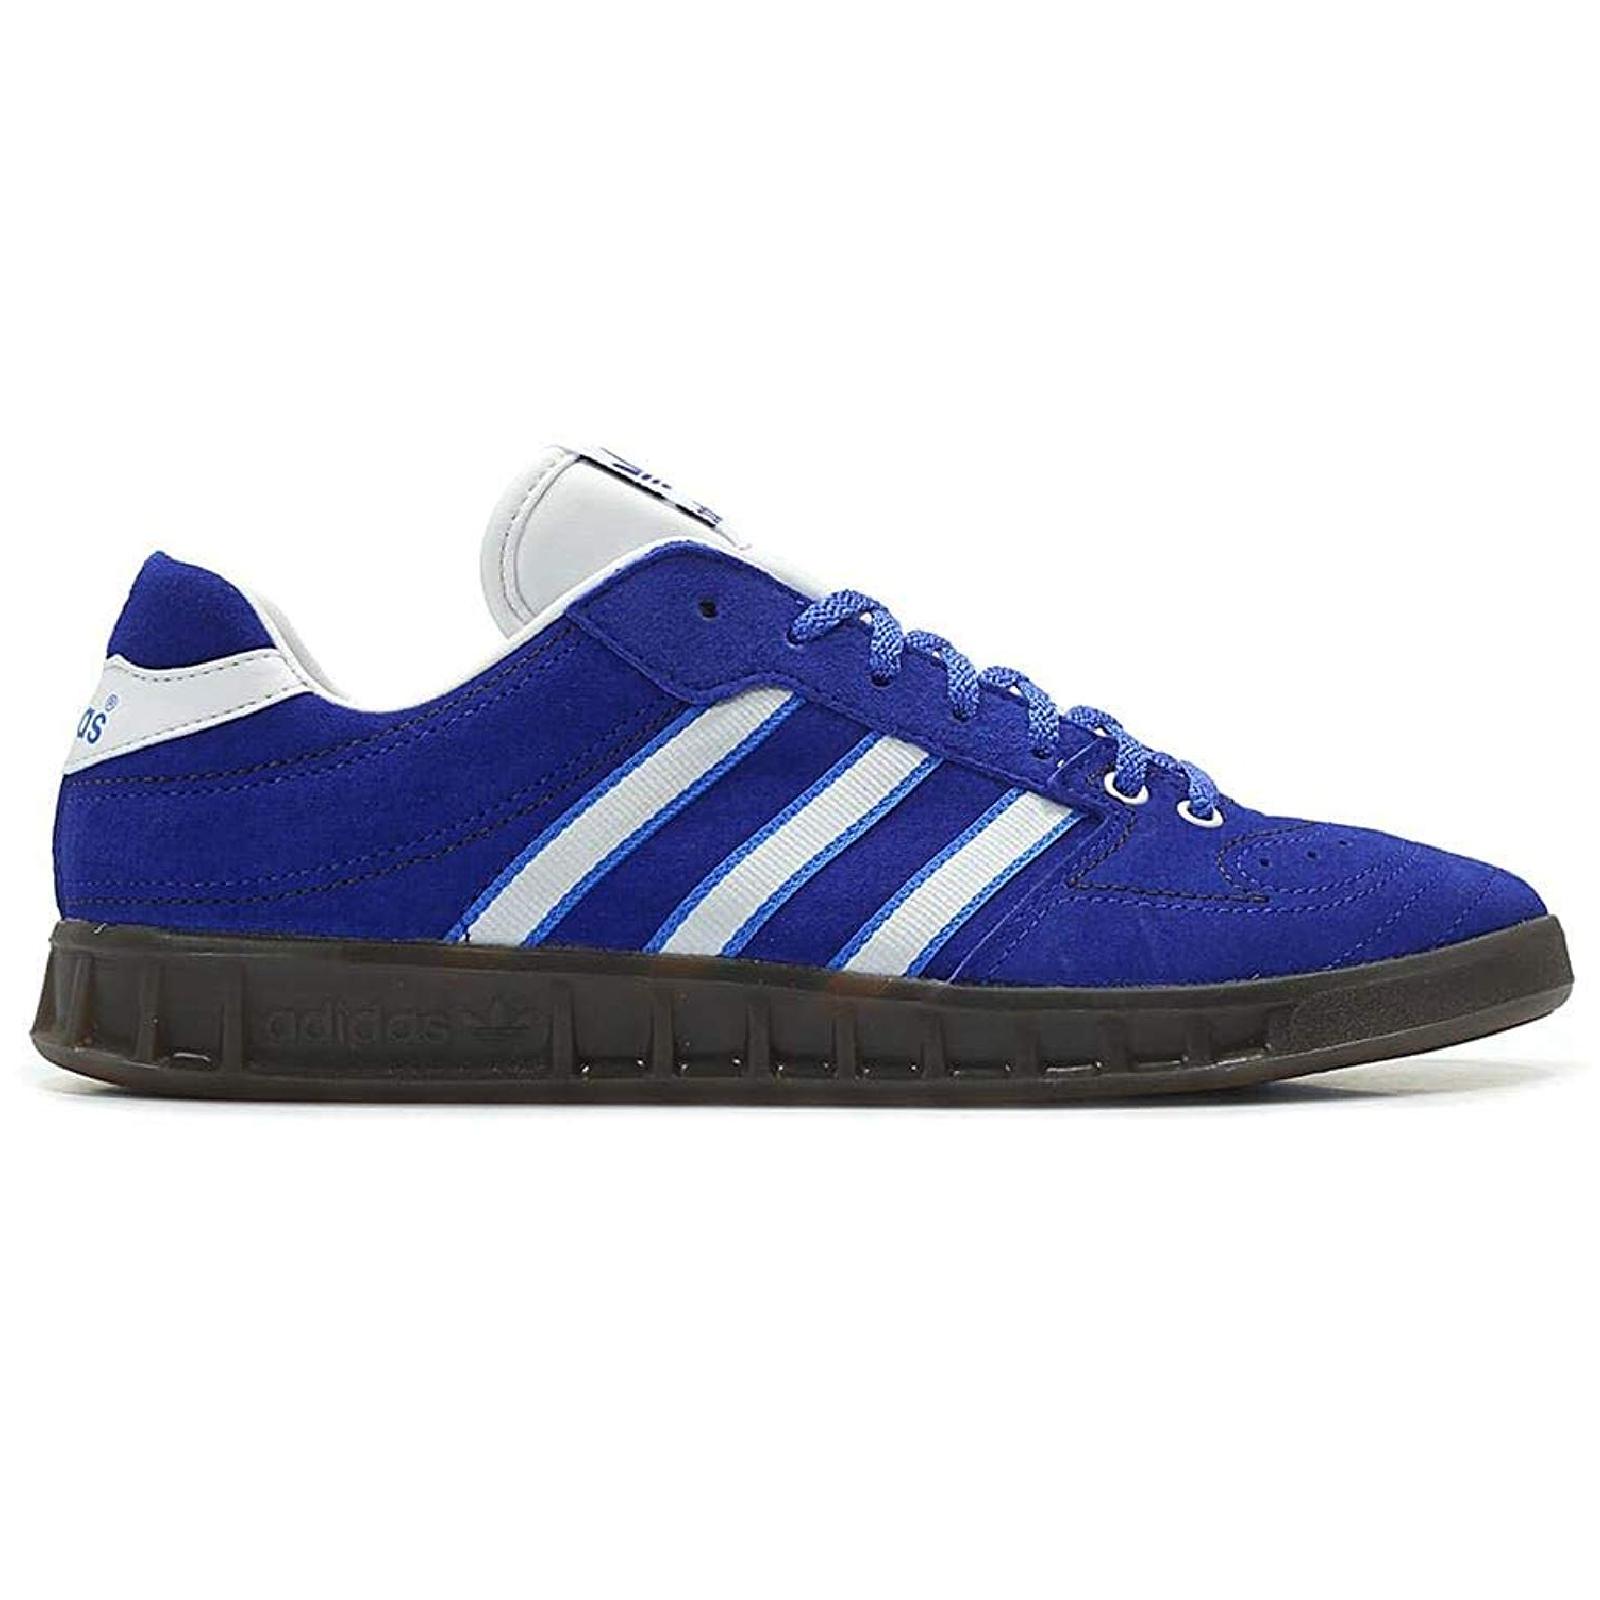 Adidas Originals Handball Kreft Spezial SPZL Indoor Schuhe Sneaker blauweiss DA8748